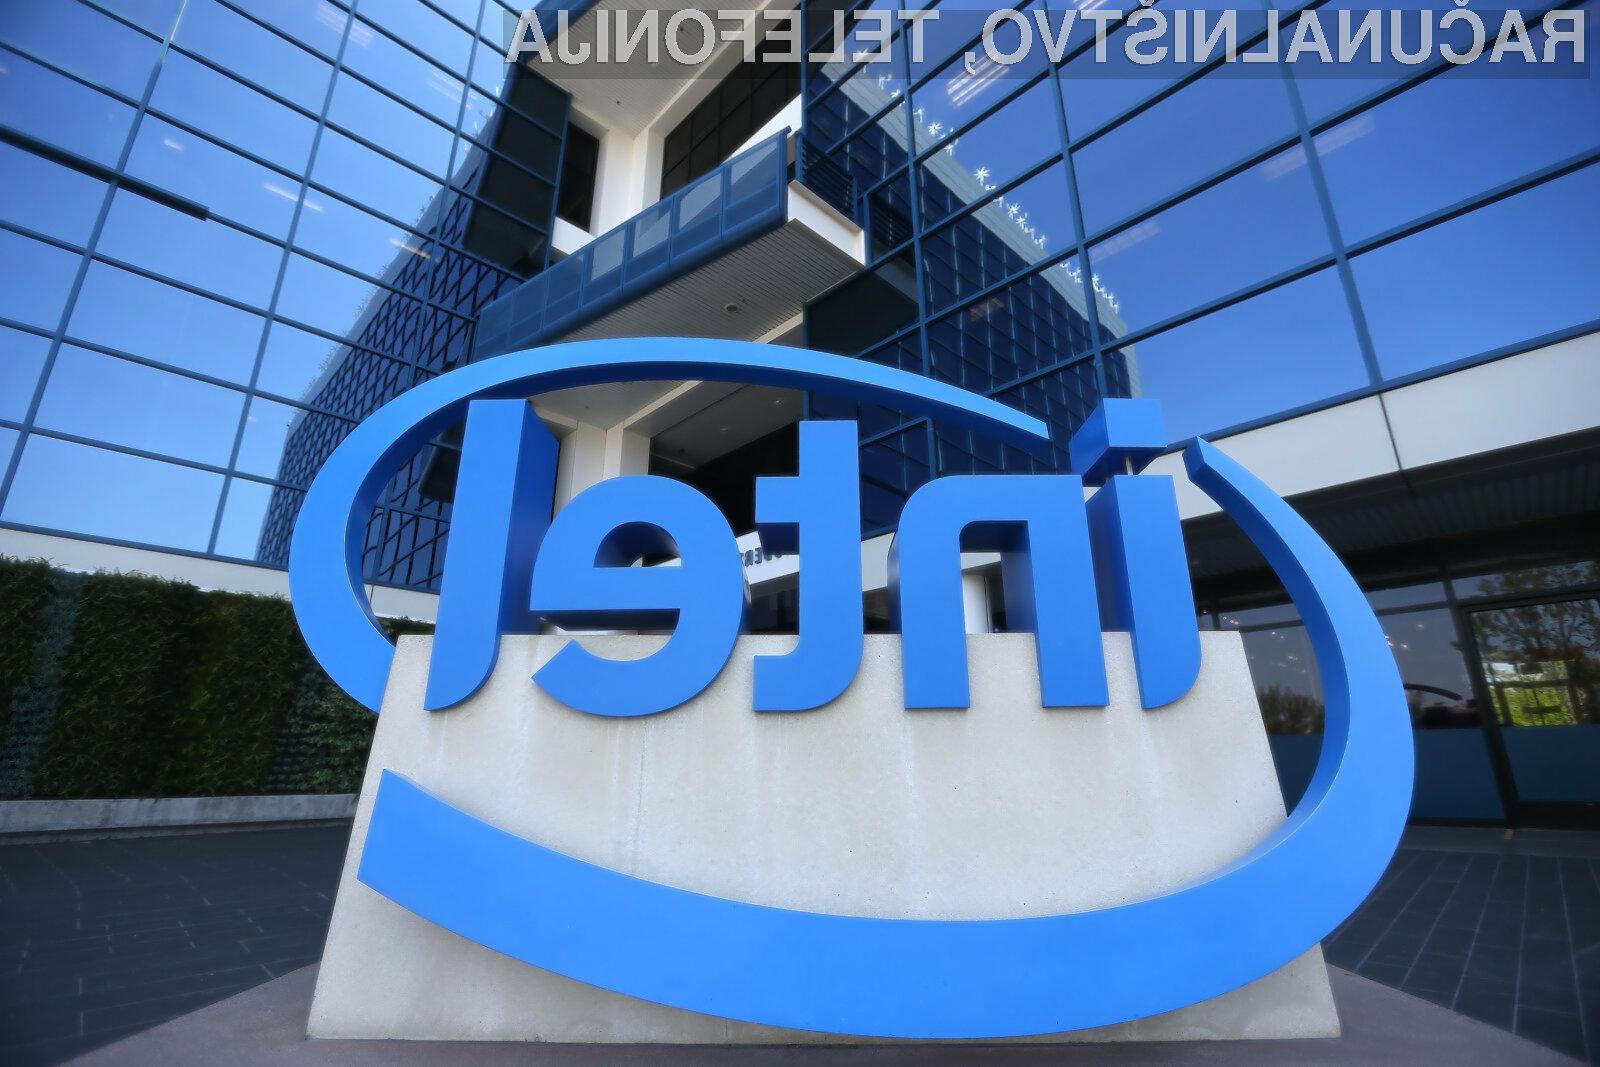 Nova vgrajena grafična kartica podjetja Intel bo lahko poganjala tudi grafično zahtevne računalniške igre.